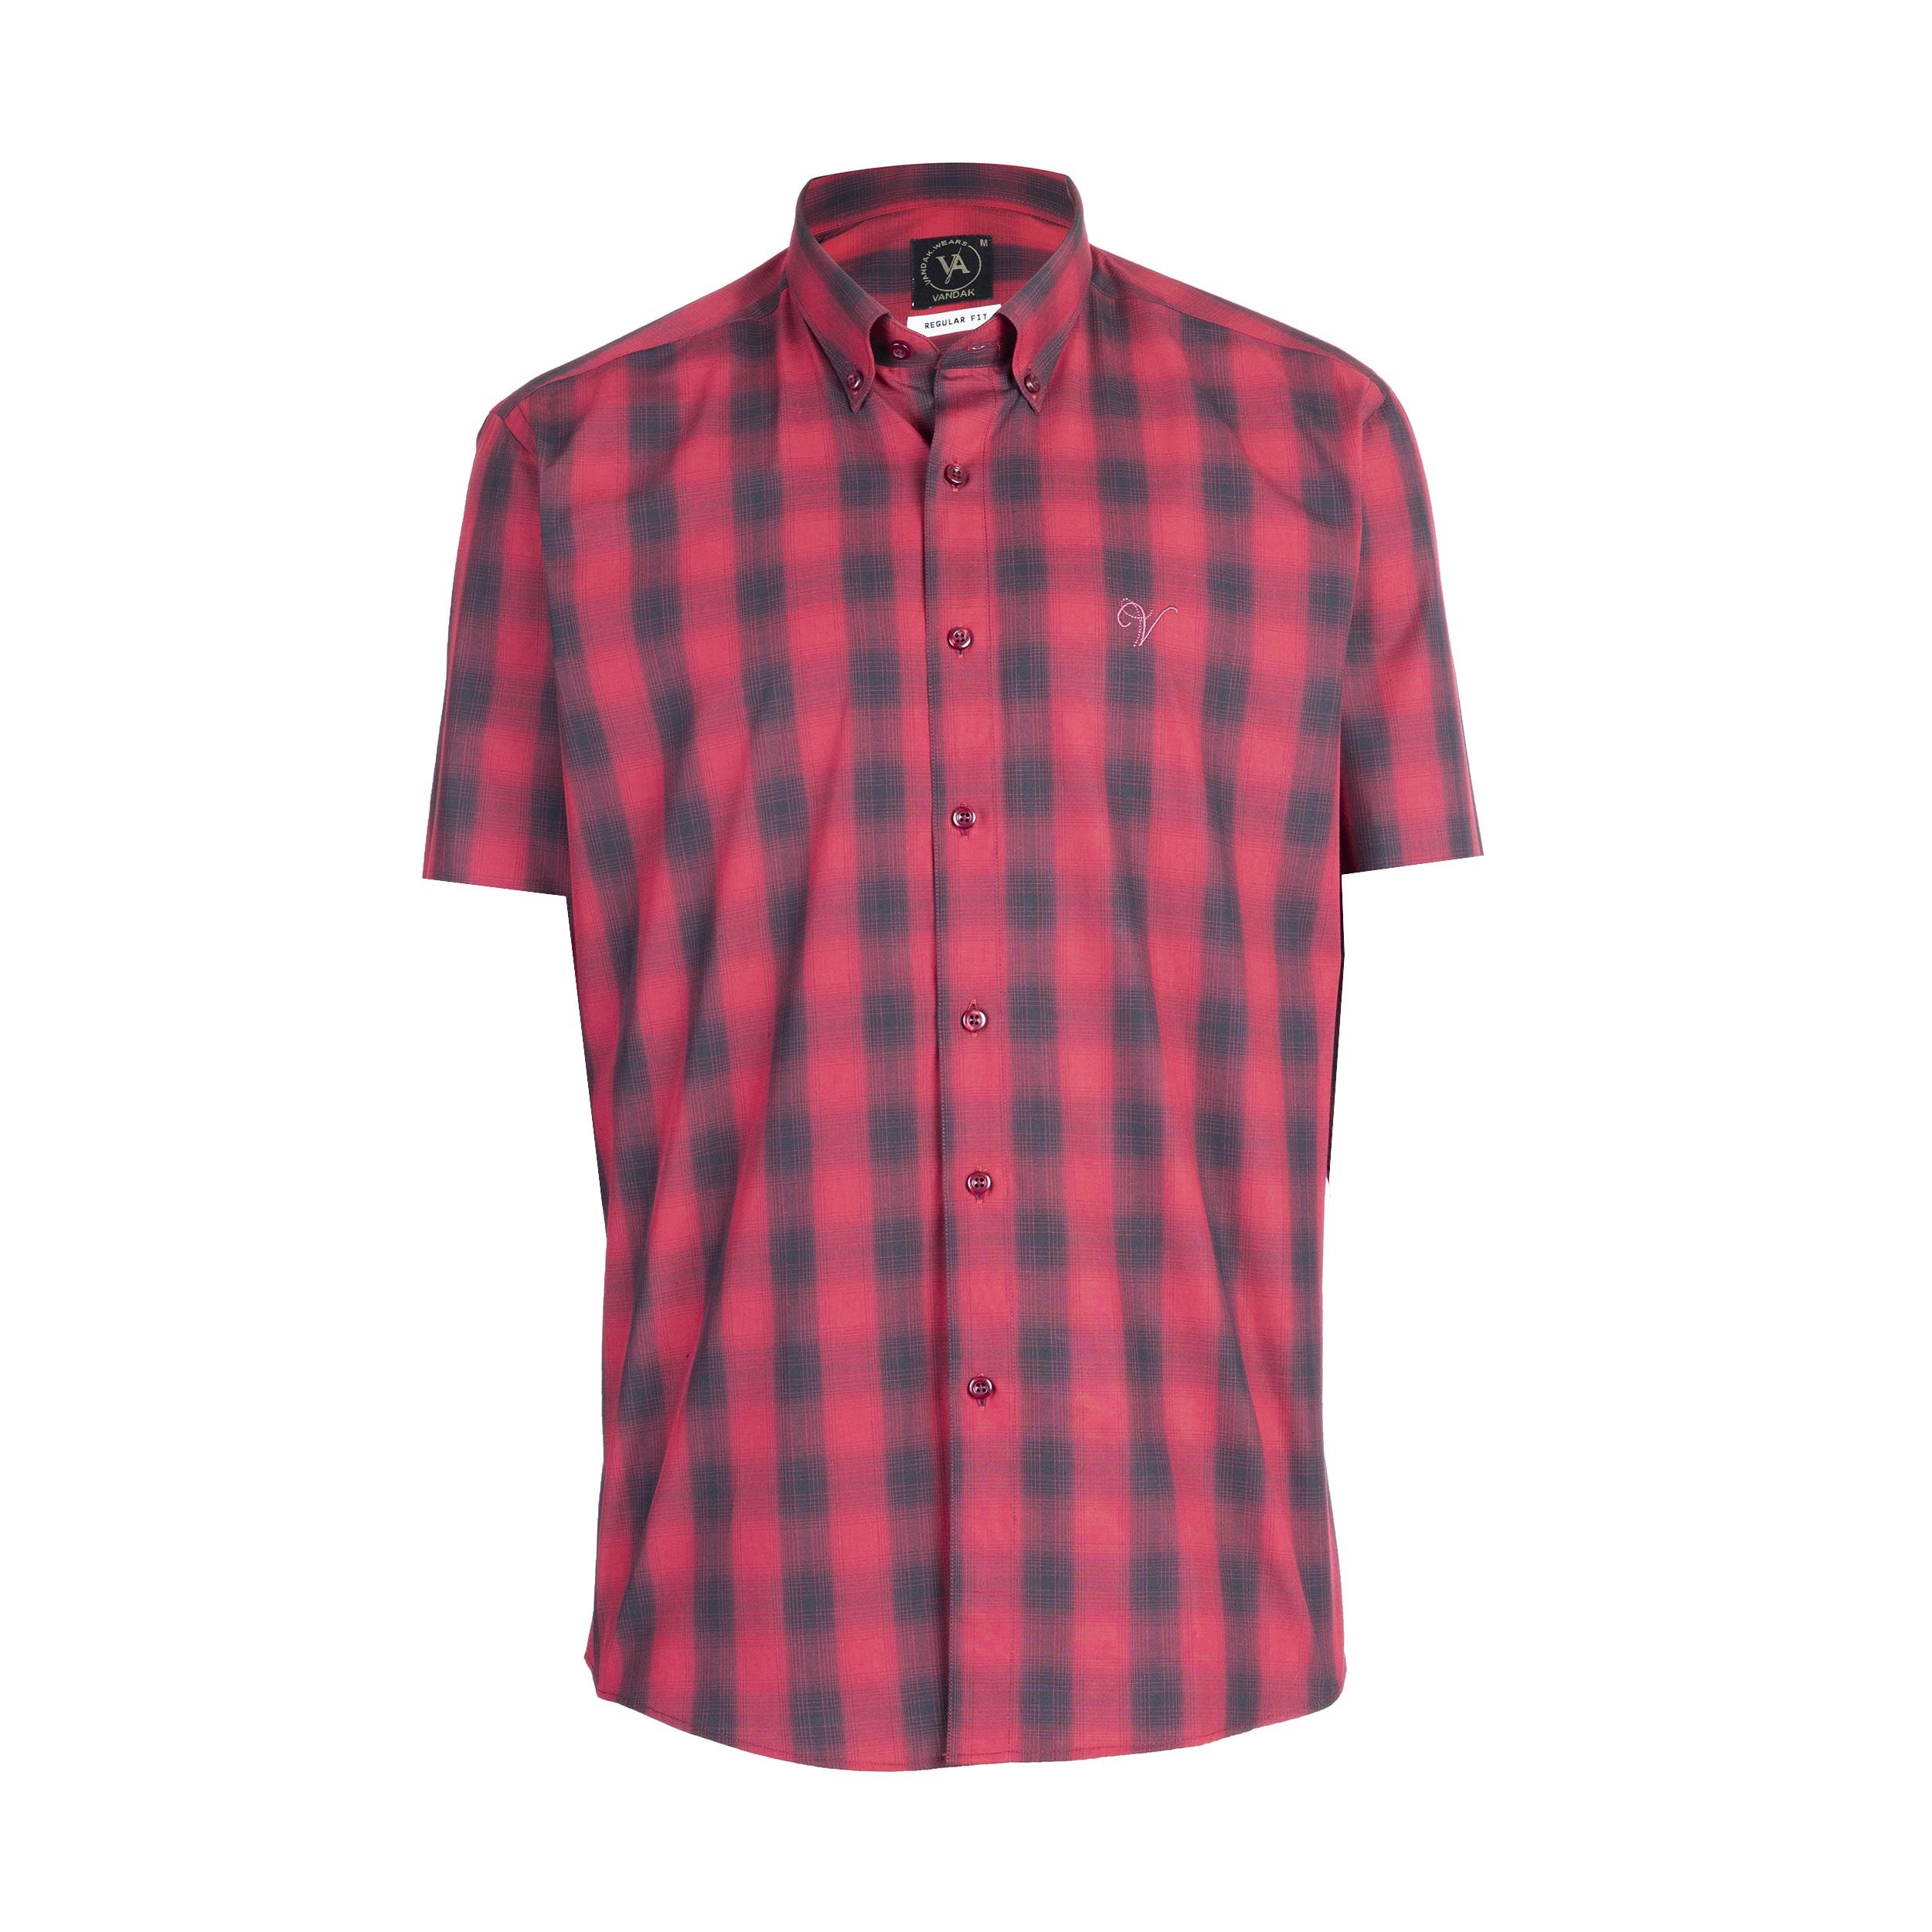 پیراهن آستین کوتاه مردانه مدل  -00- main 1 1